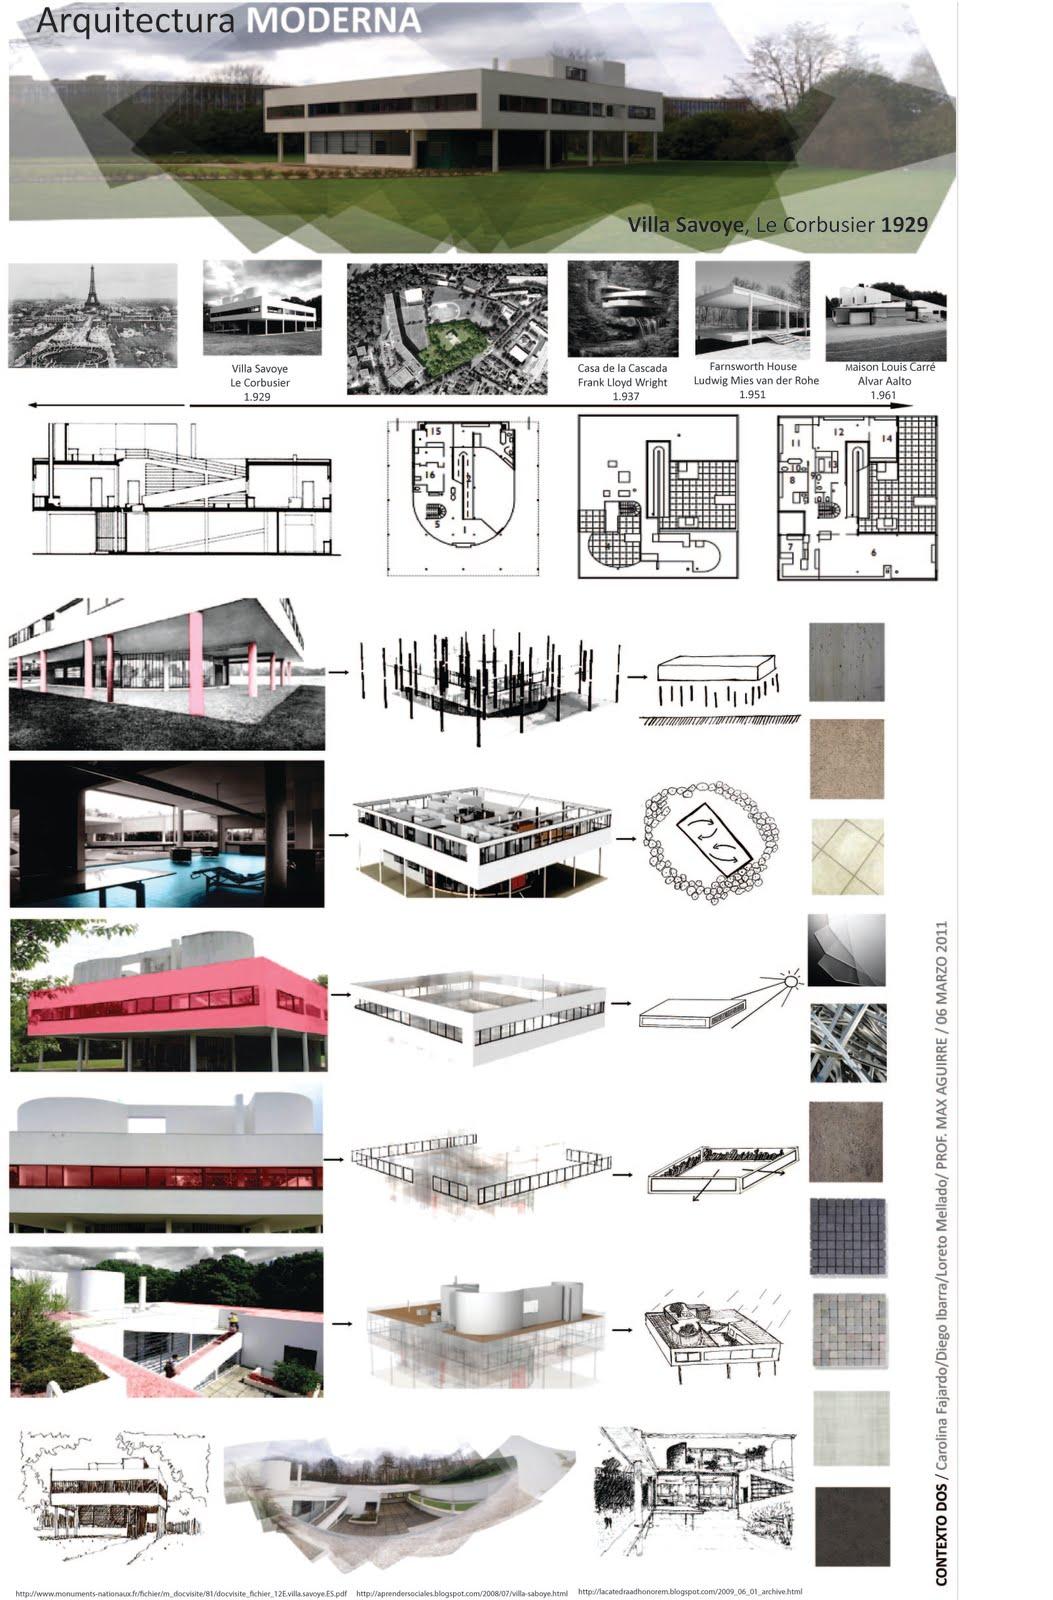 Historia de la arquitectura arquitectura moderna entrega for Historia de la arquitectura moderna